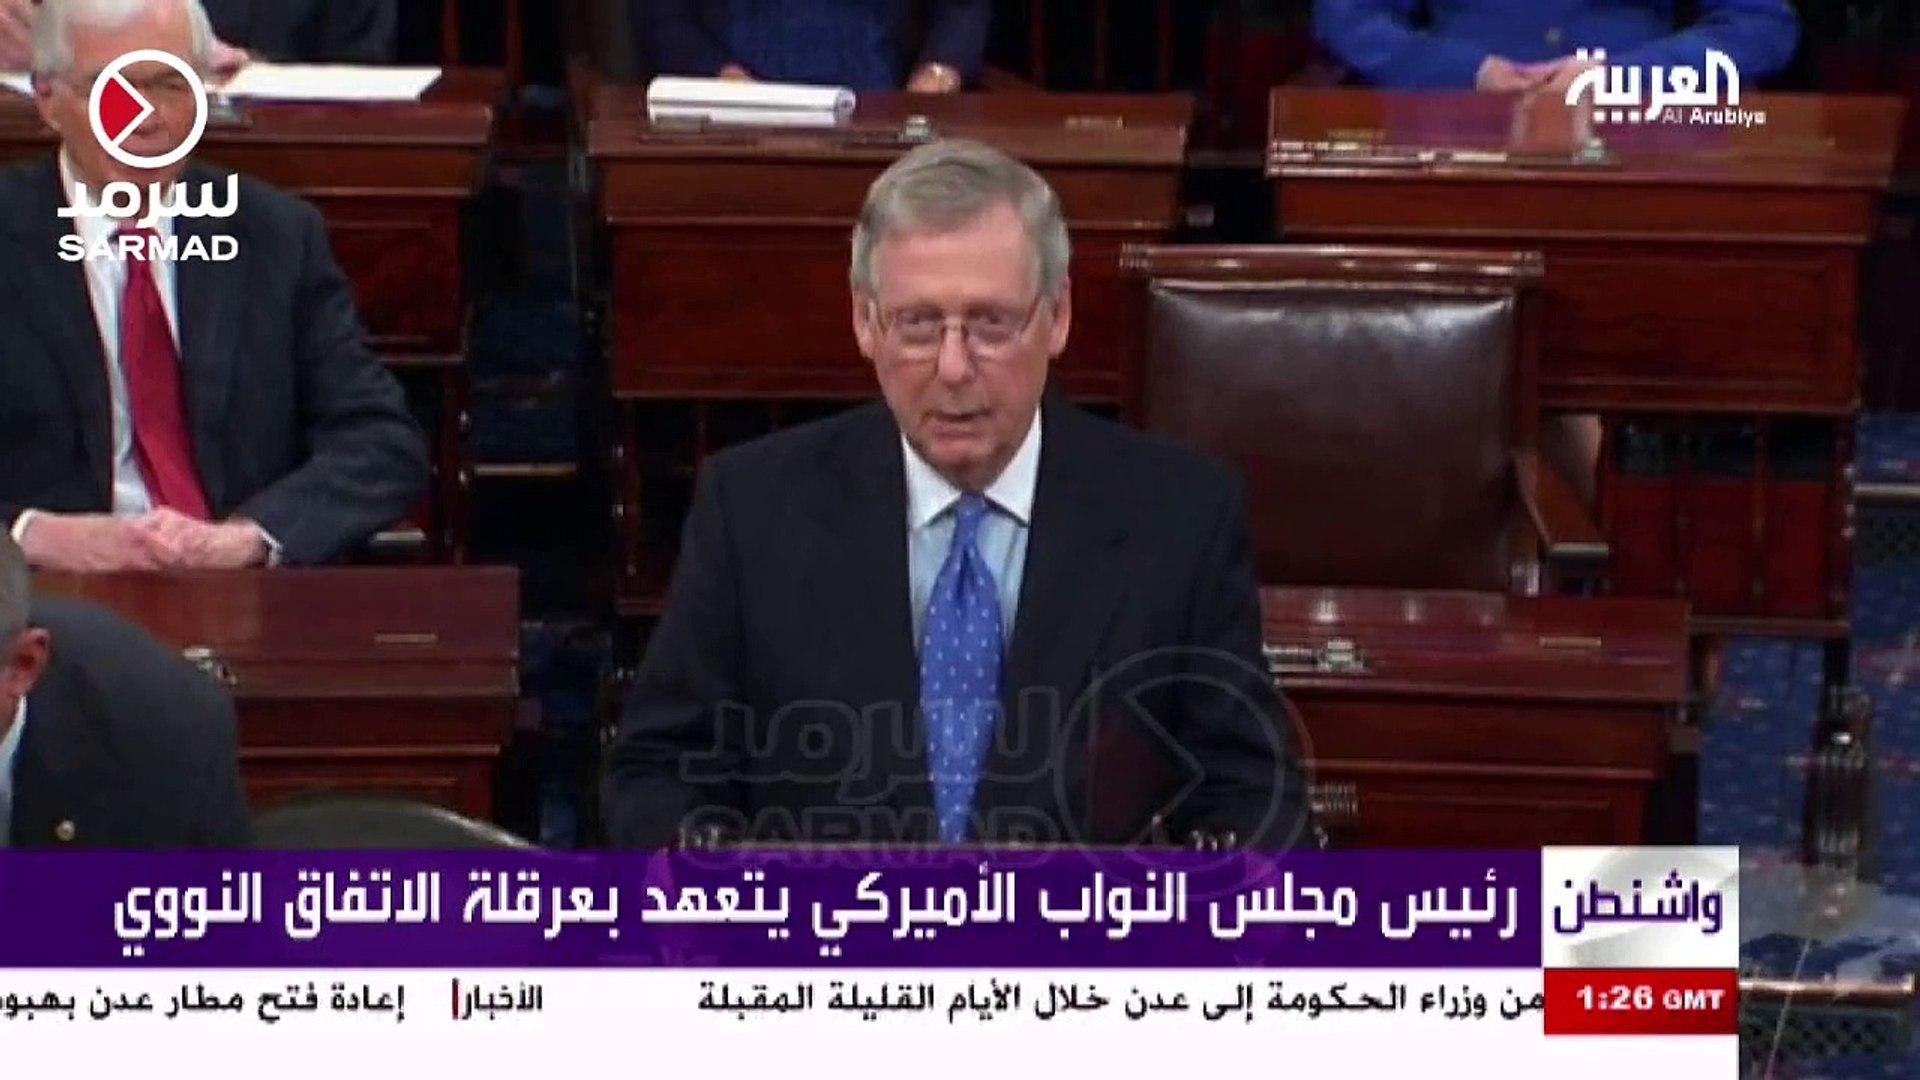 قلق في الكونغرس من الأموال التي ستوفر لإيران بعد رفع العقوبات